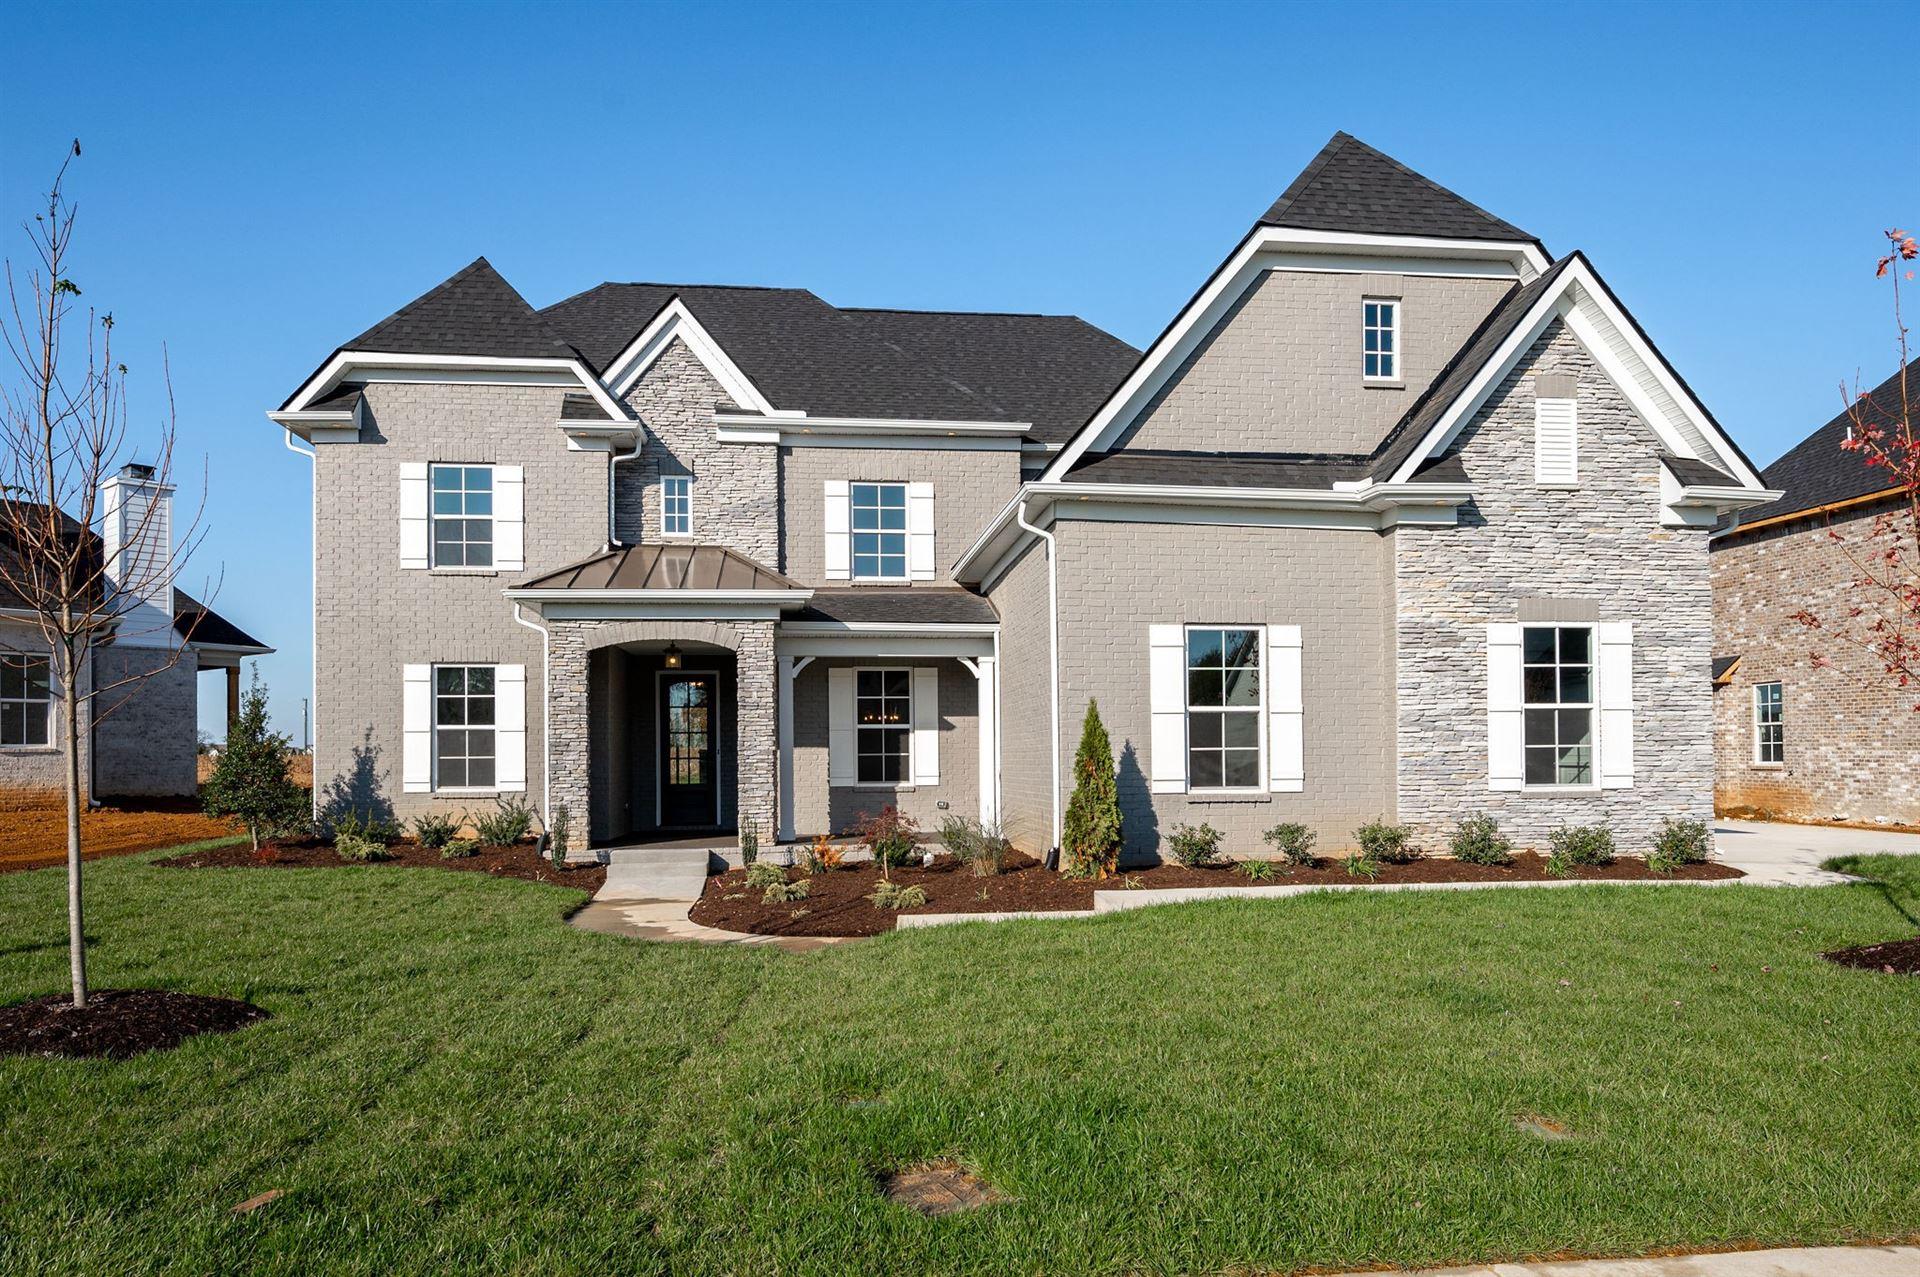 5624 Bridgemore Blvd. Lot 151, Murfreesboro, TN 37129 - MLS#: 2151582